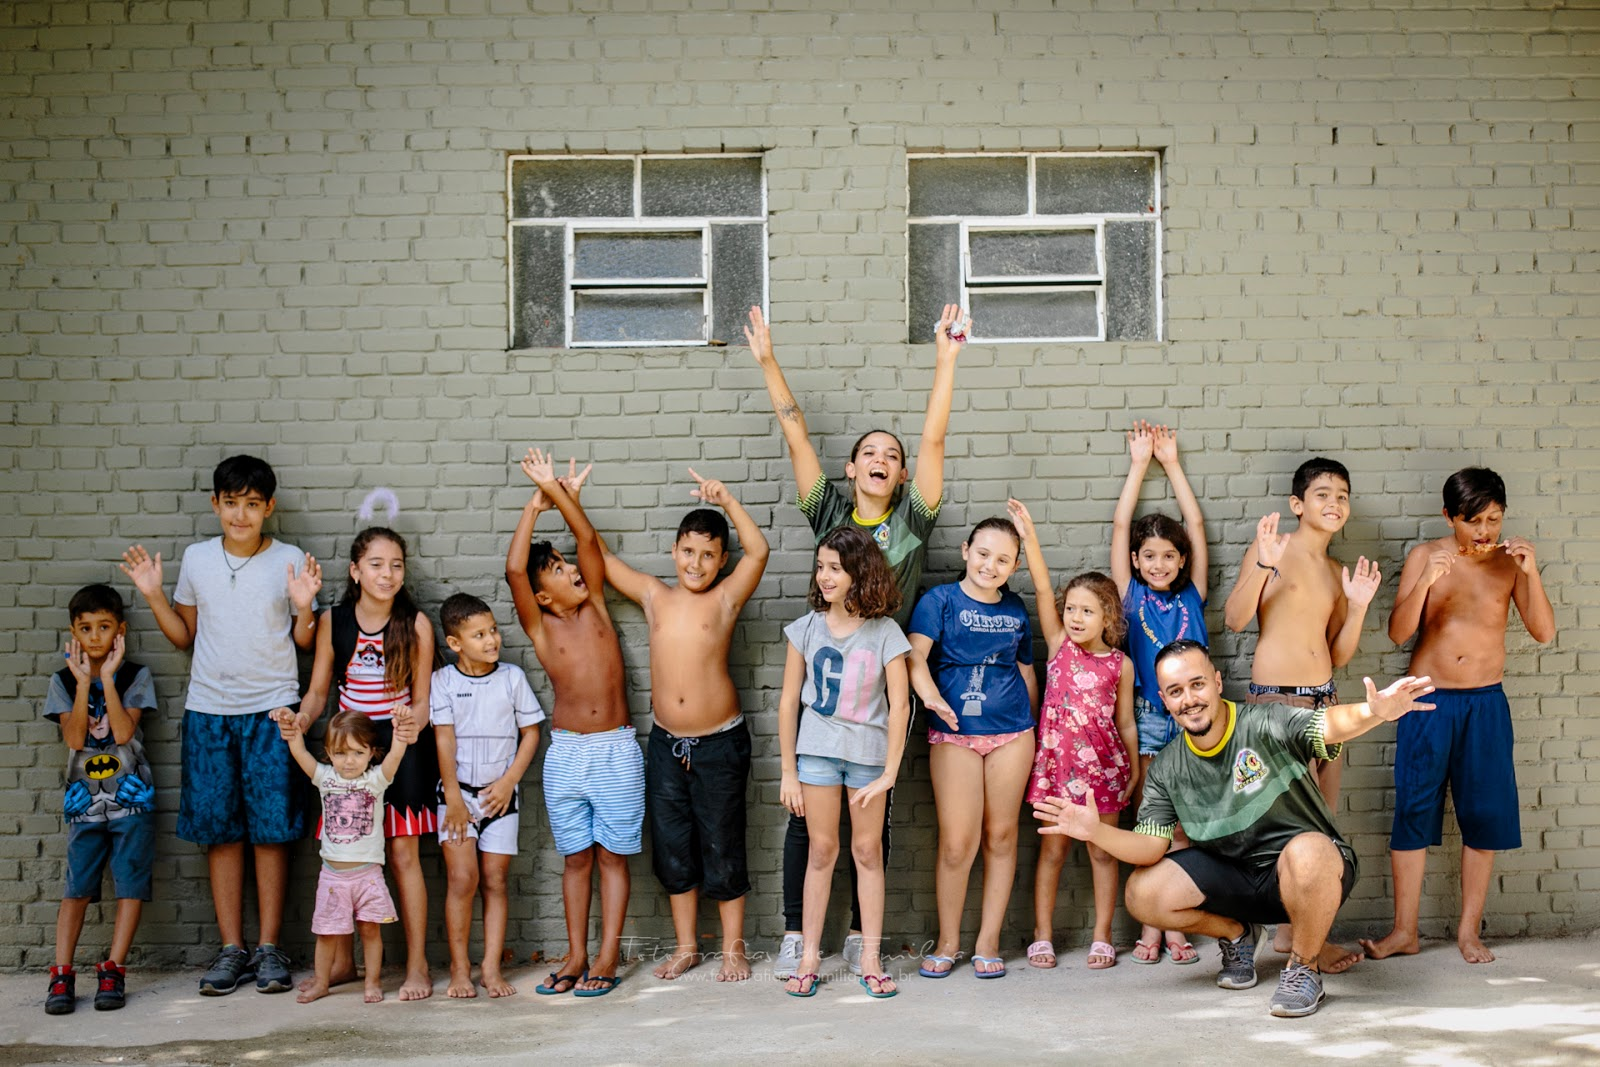 fotografo-festa-infantil